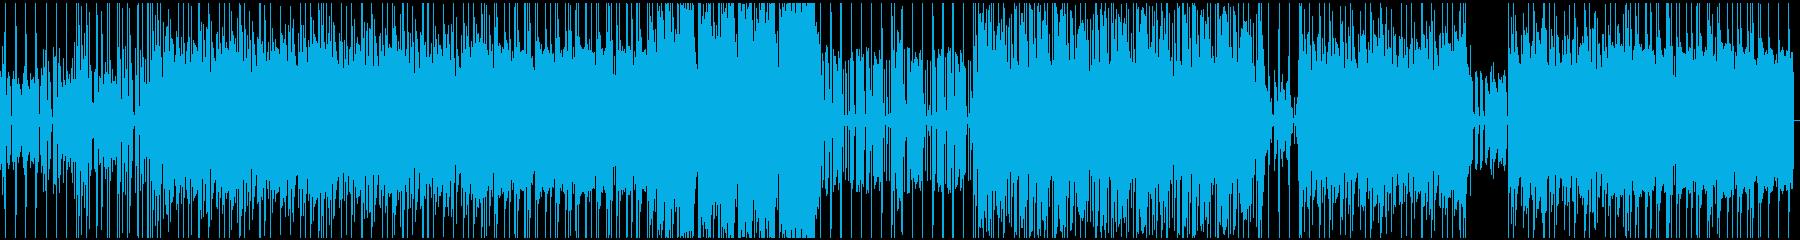 オシャレでさわやかなギターロックの再生済みの波形